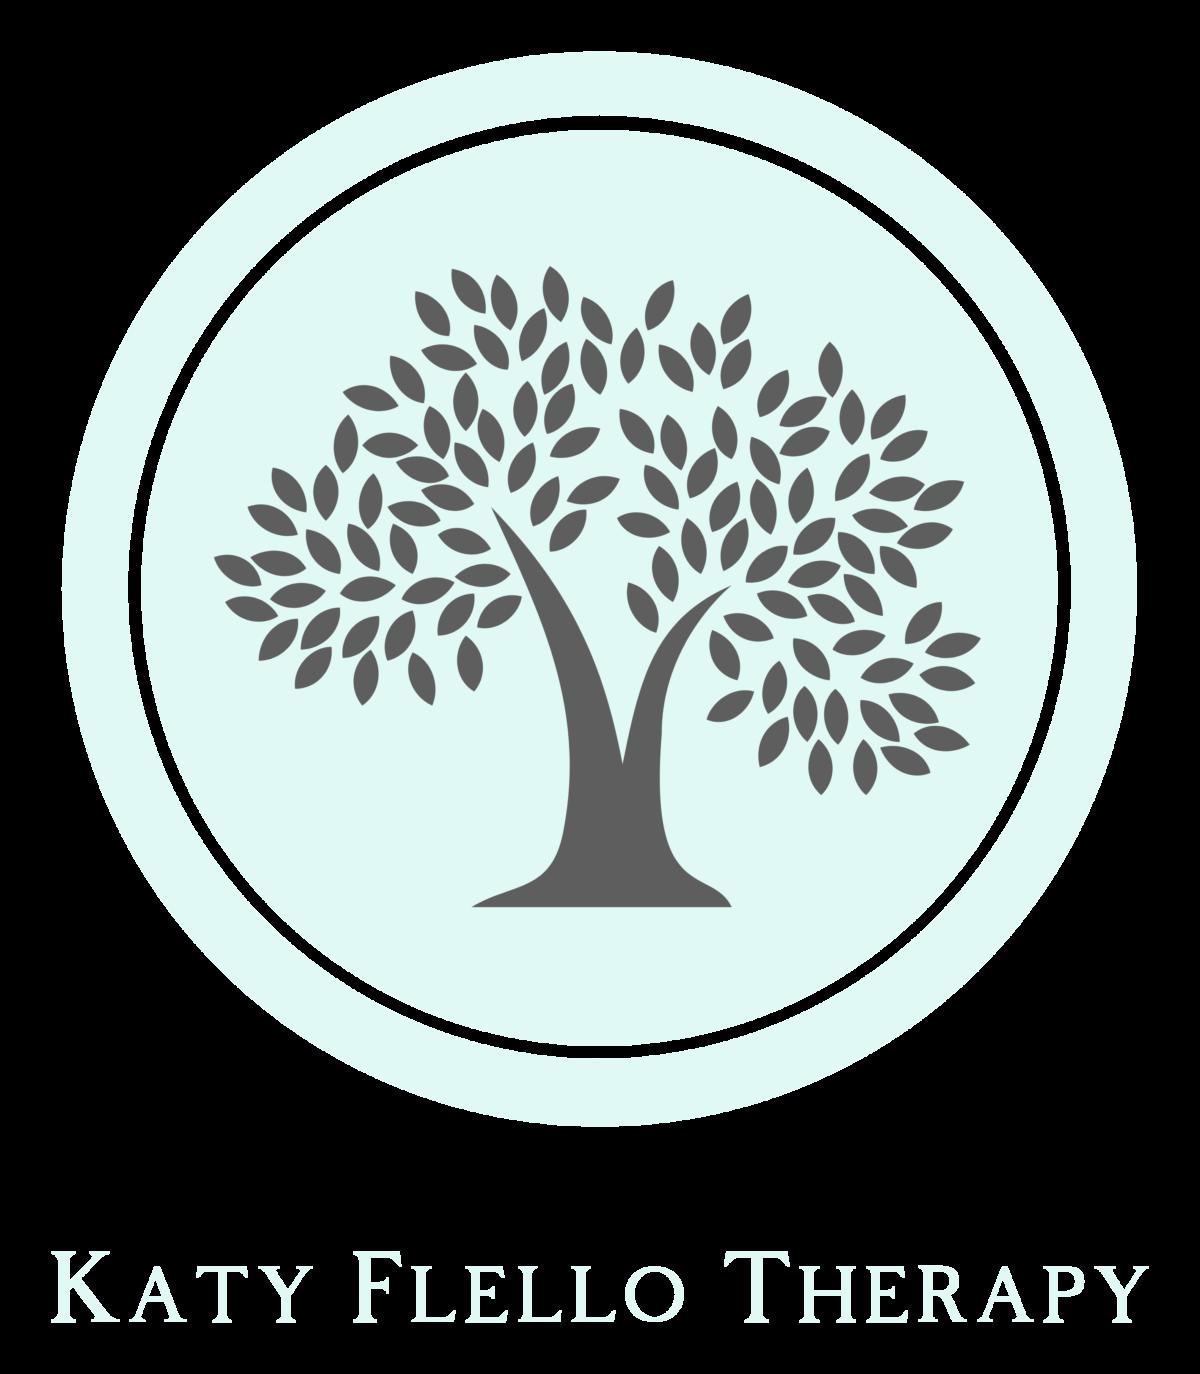 Katy Flello Therapy